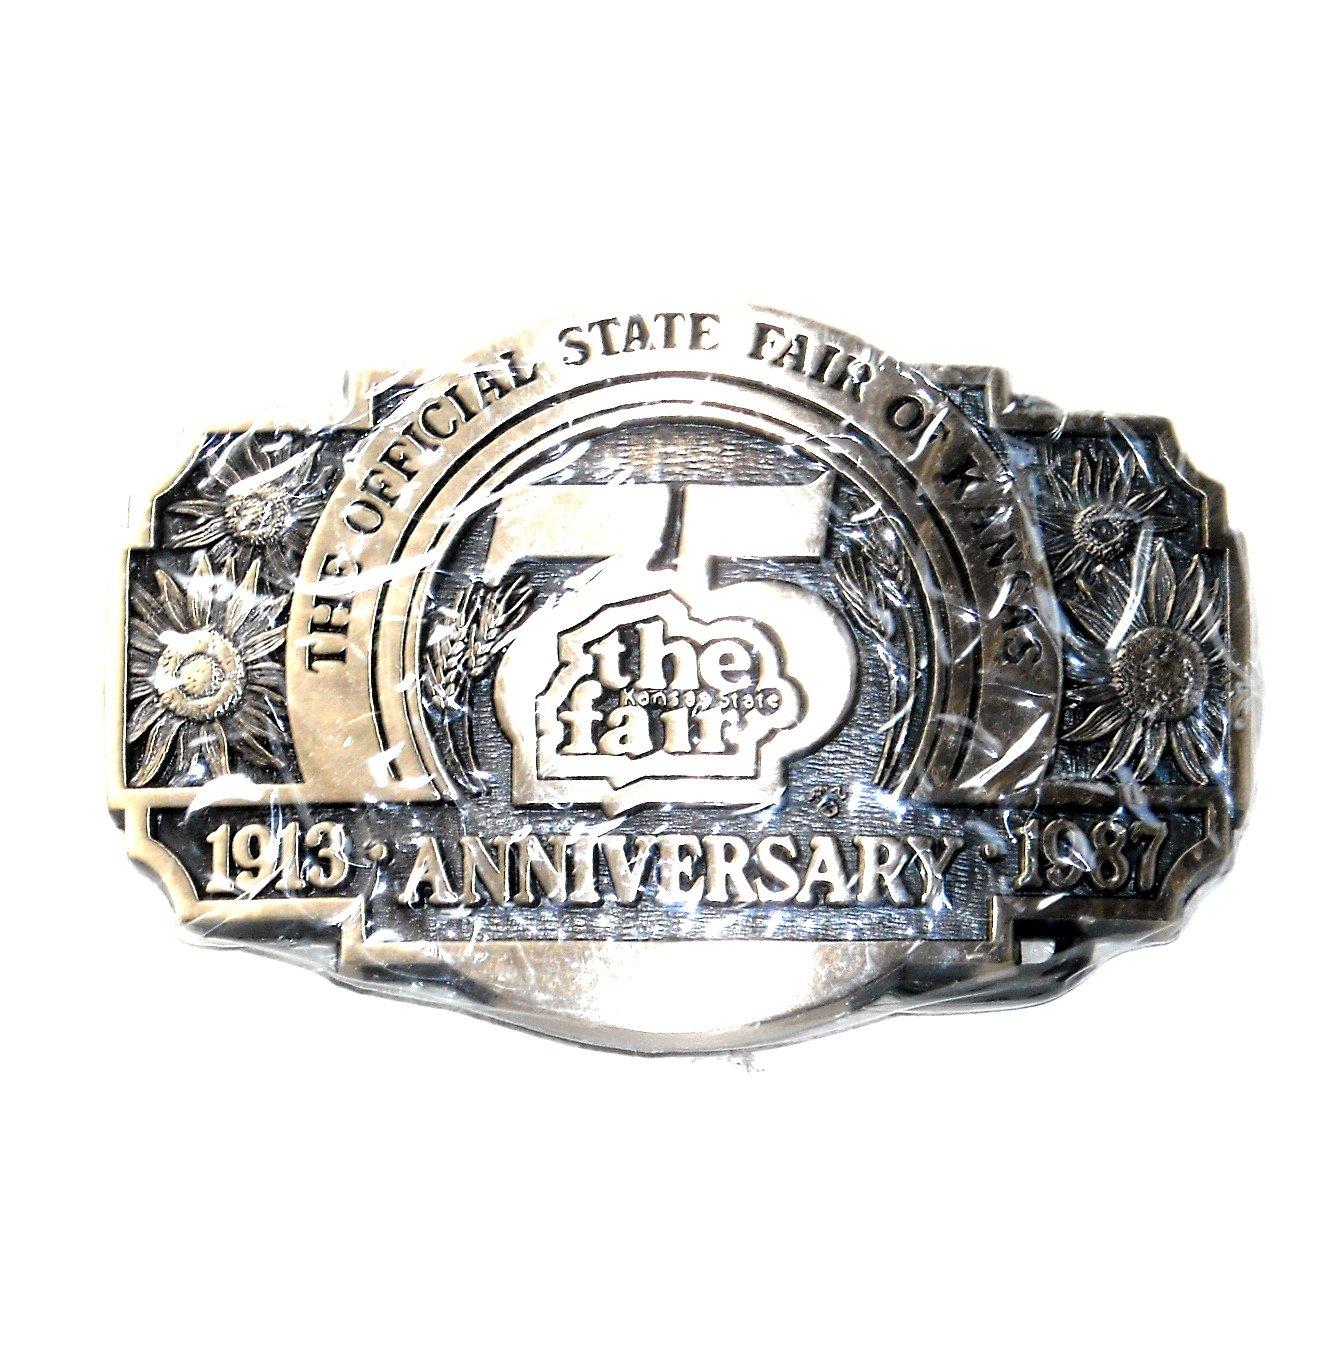 Kansas 75 Anniversary State Fair 1987 Award Design Solid Brass Belt Buckle